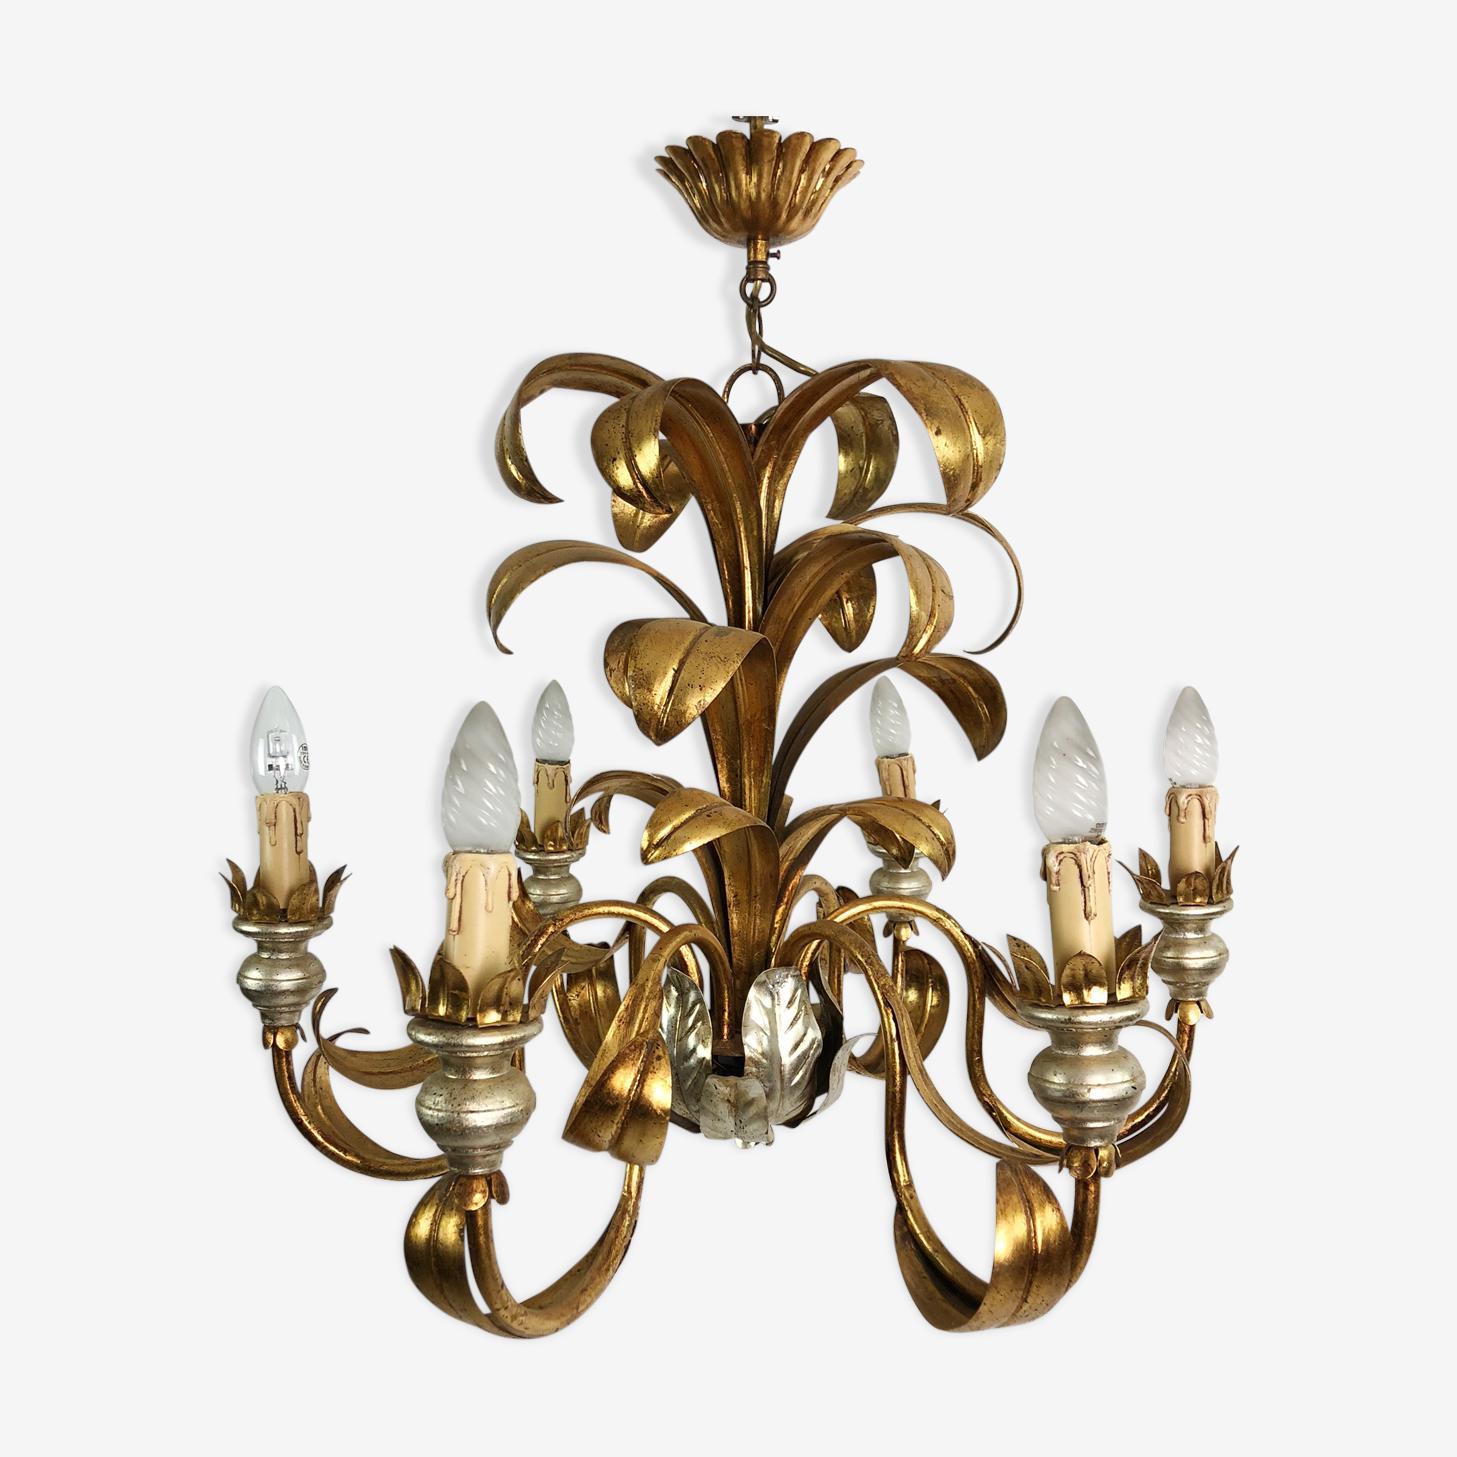 Lustre vintage des années 70 en métal doré à 6 bras de lumières